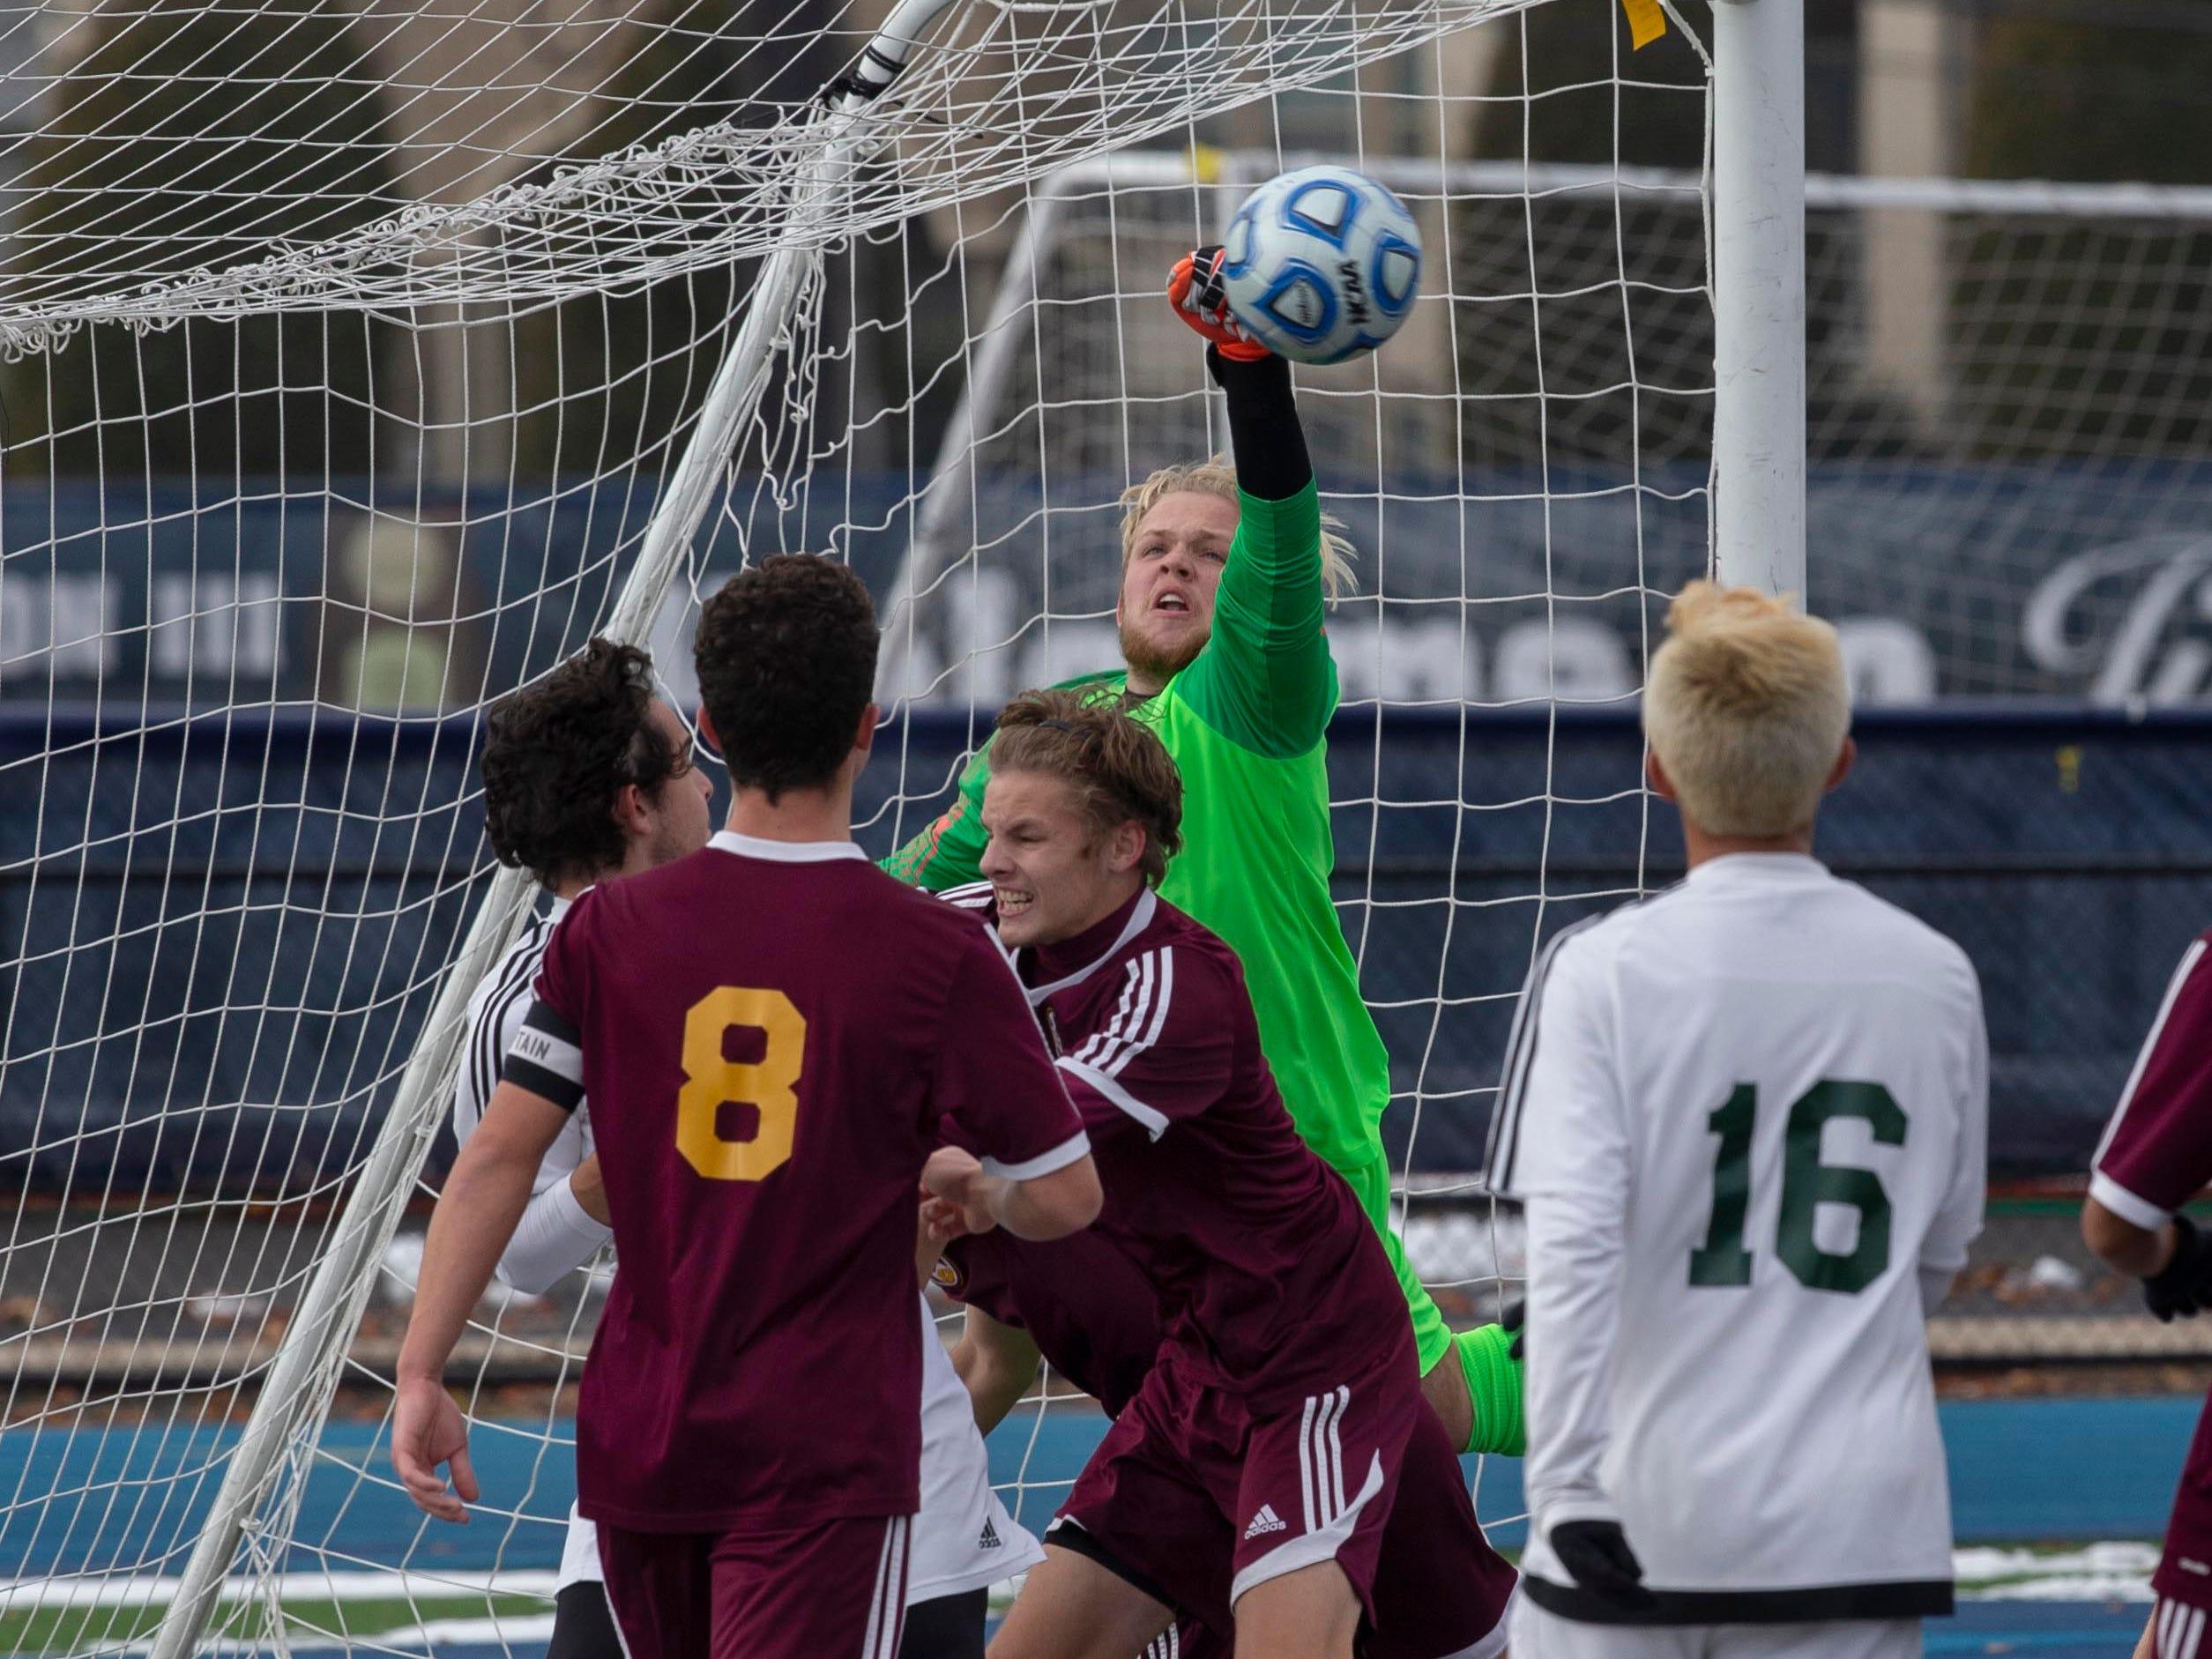 New Providence vs. Glassboro in Boys Group I Soccer in Union NJ.